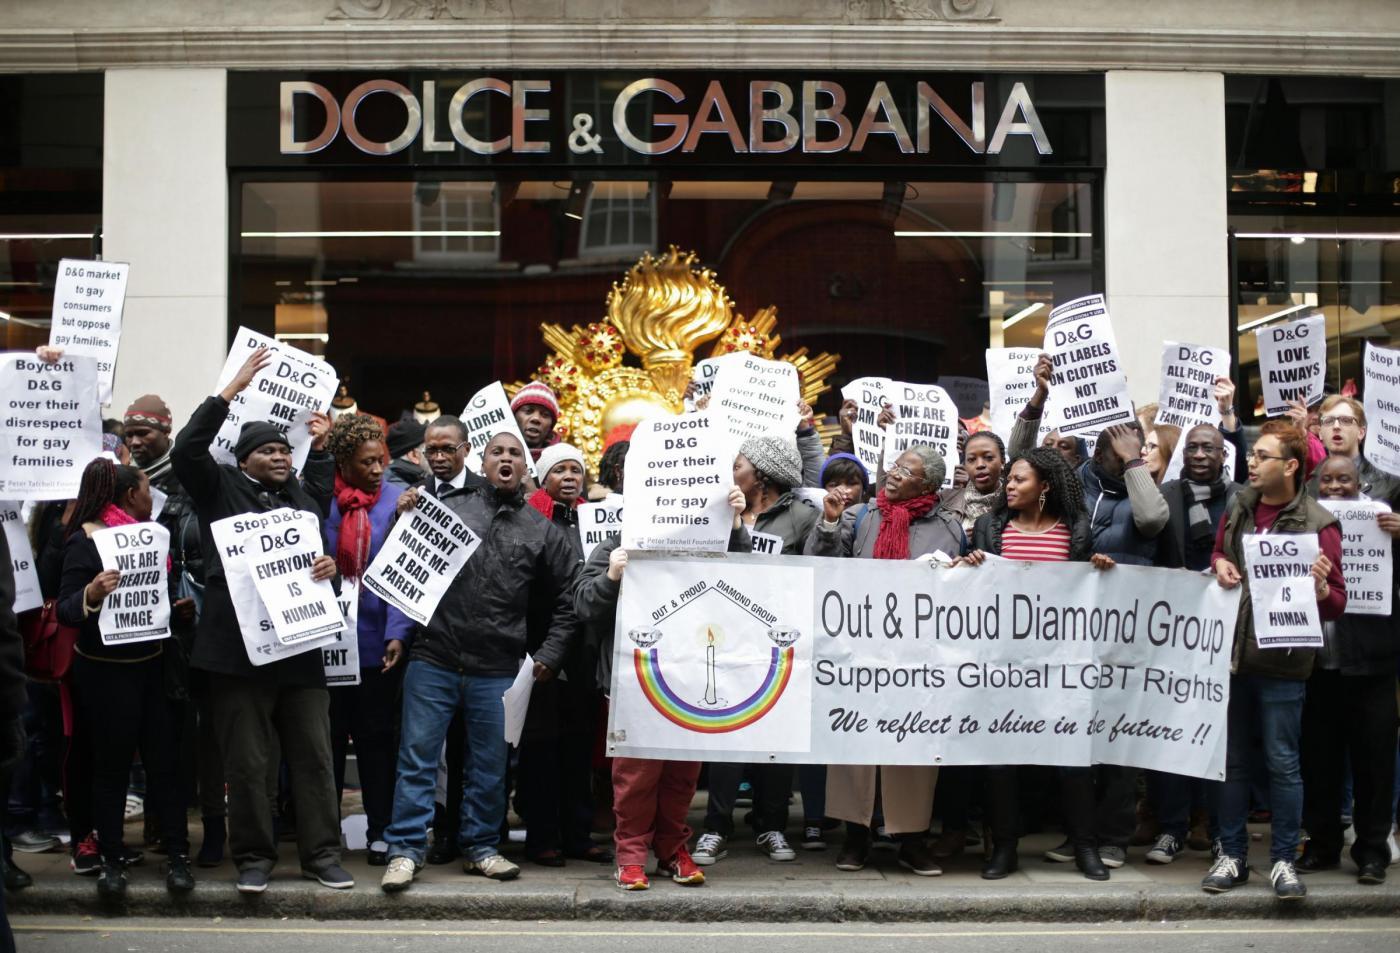 Dolce & Gabbana e l'utero in affitto: proteste davanti al negozio di Londra'2